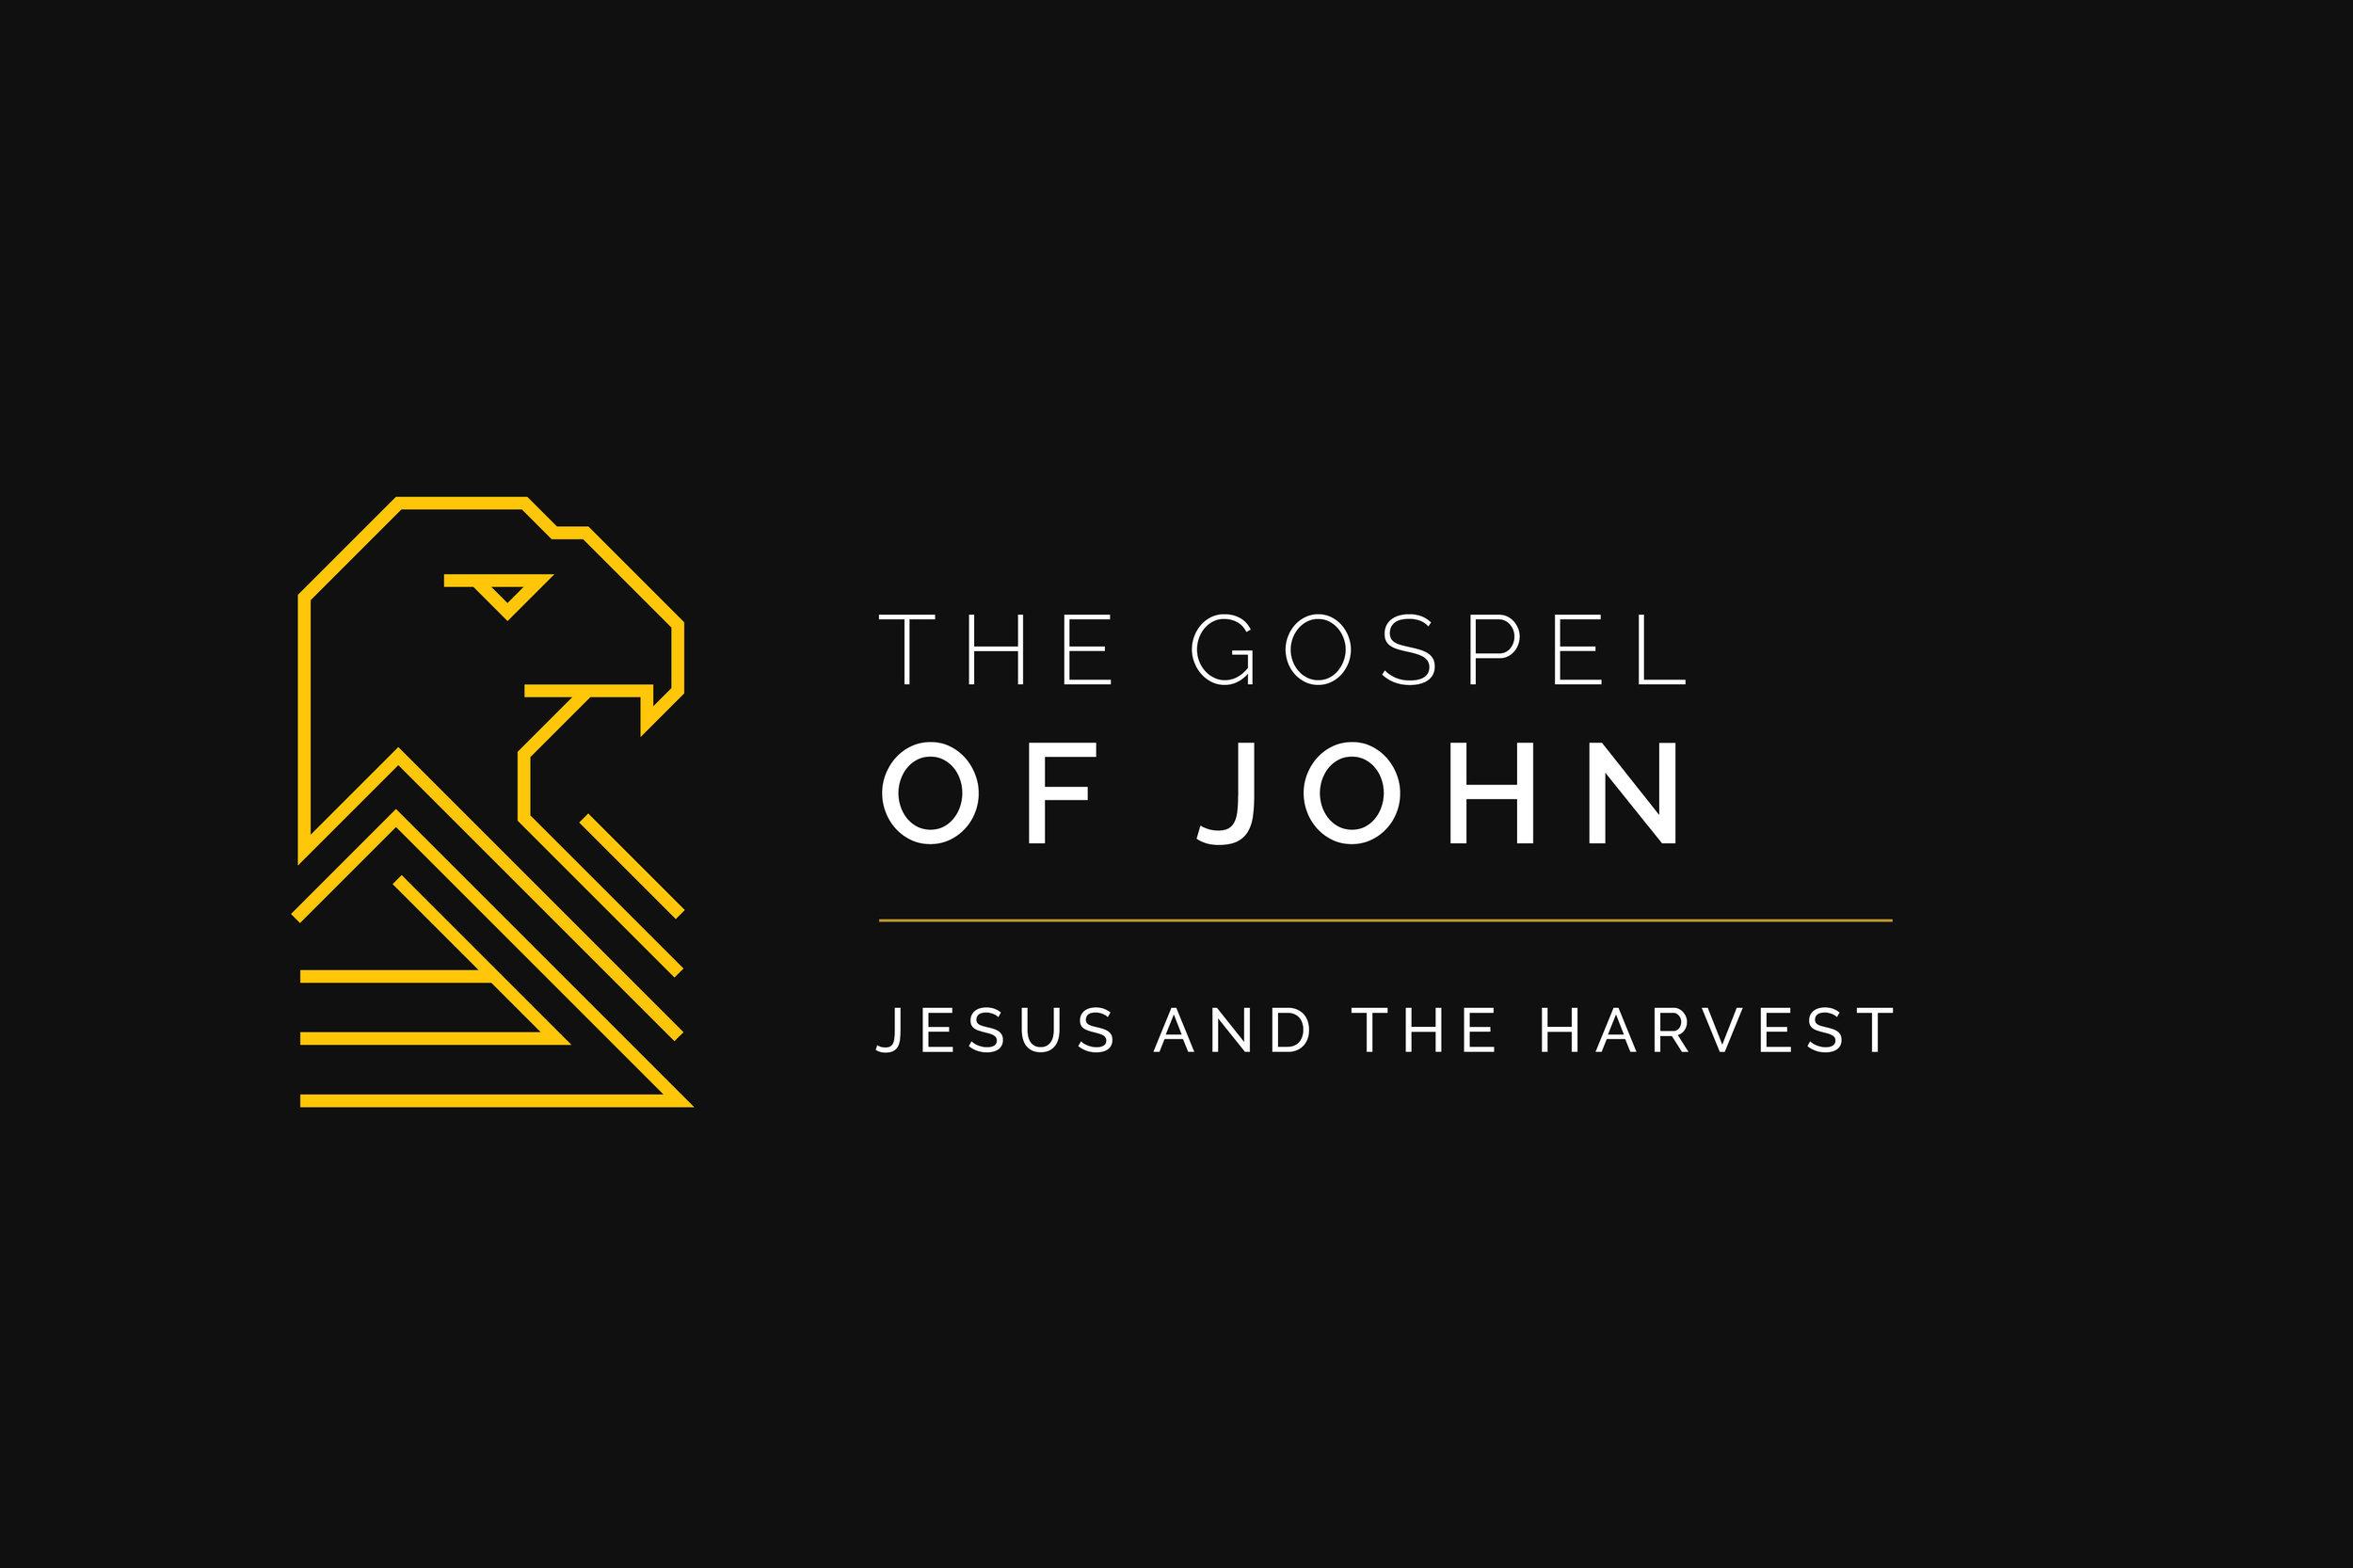 07-The-Gospel-of-John--Jesus-and-the-harvest.jpg